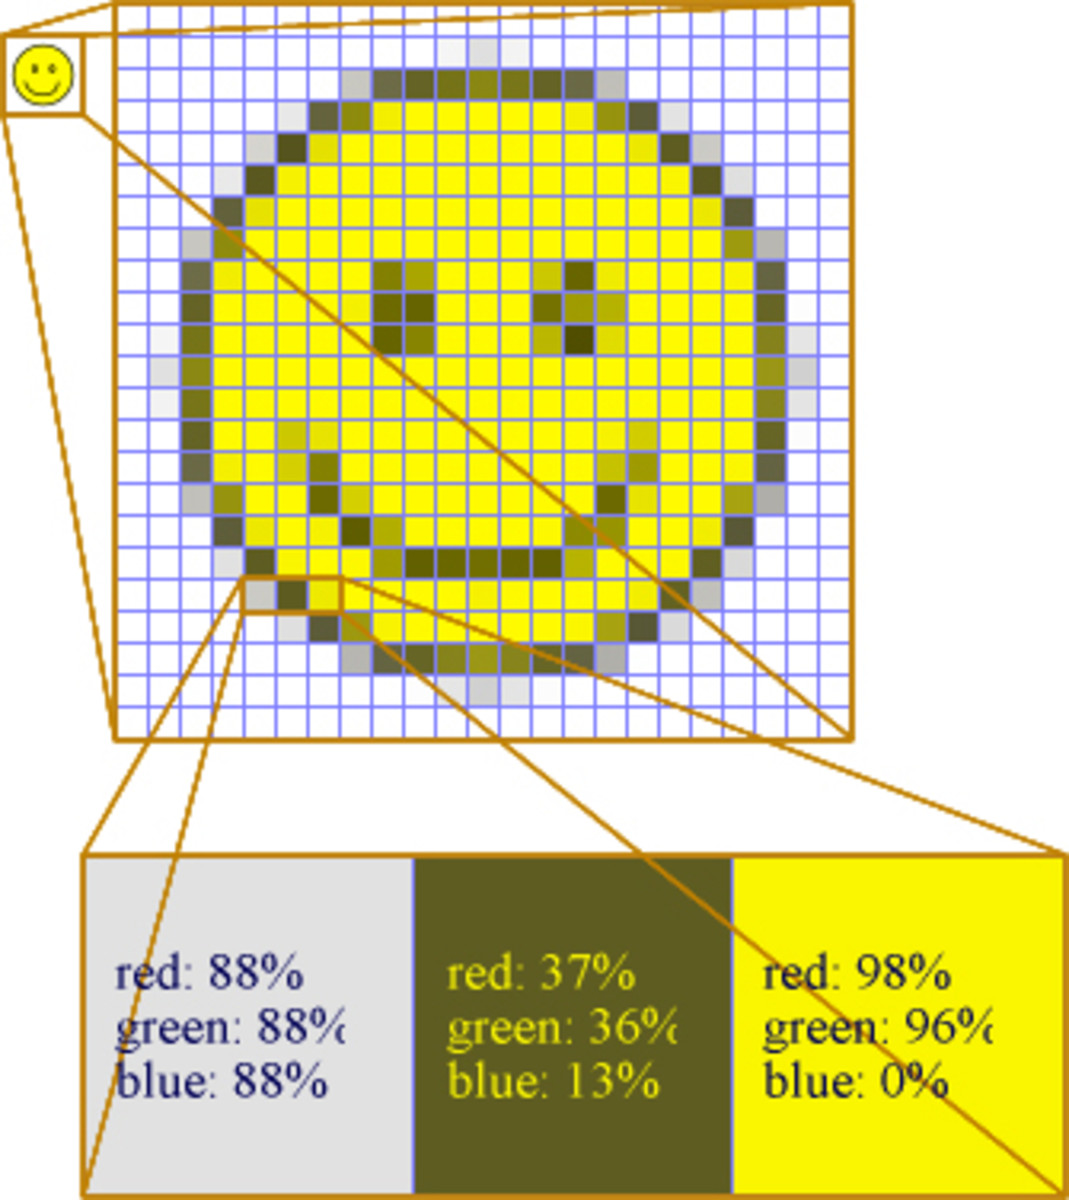 RGB Raster Image